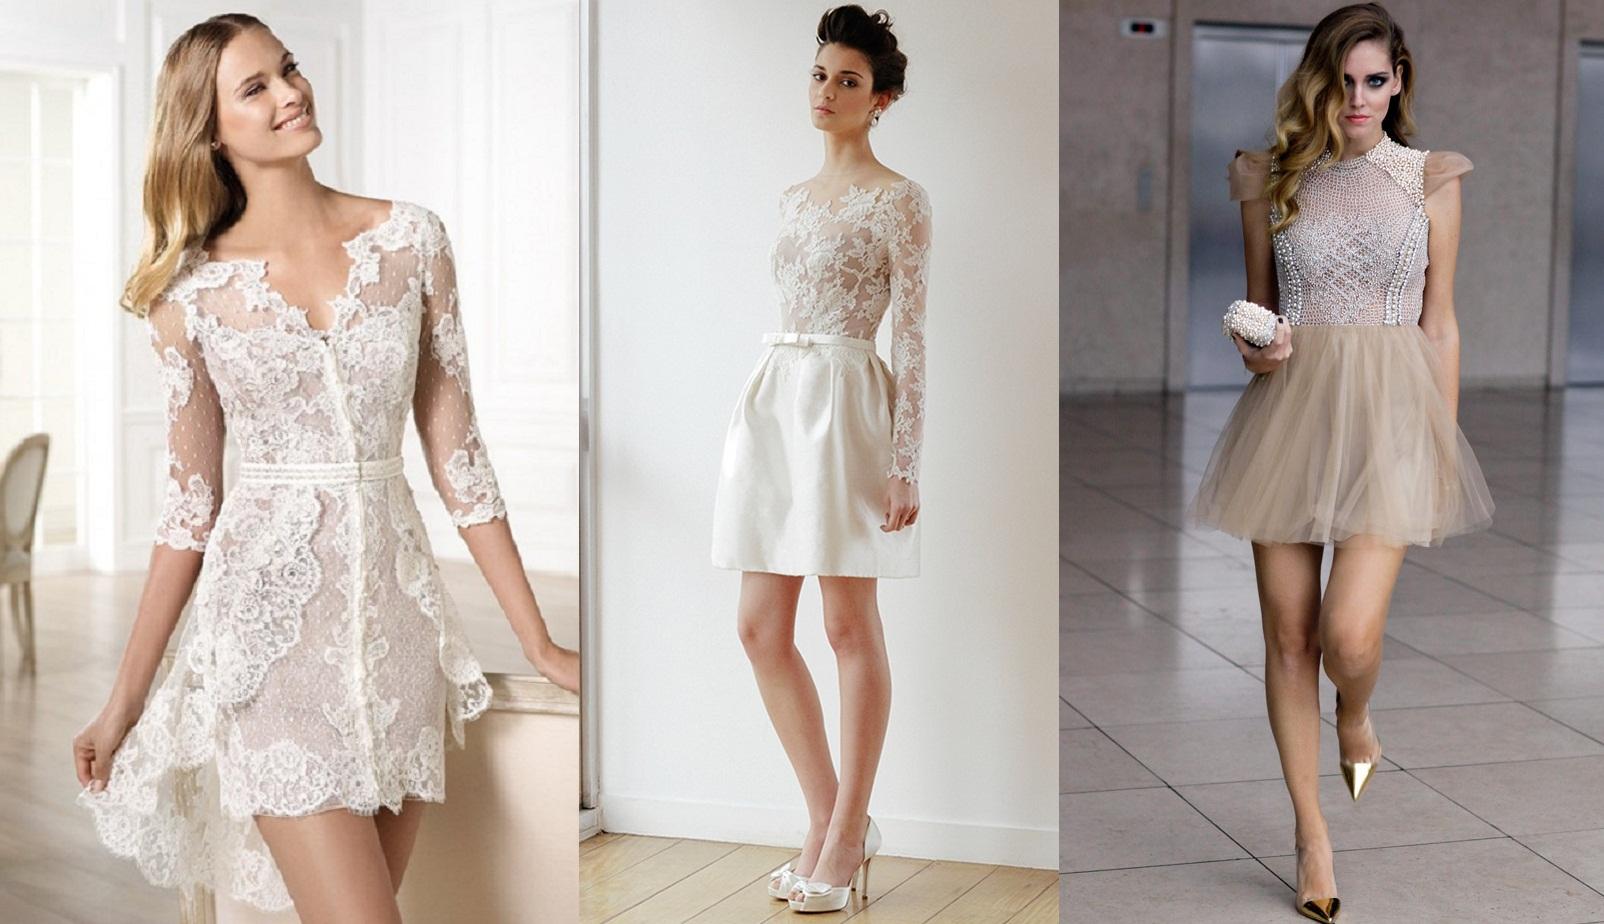 exemplos de vestidos para noivado em alto em 2019